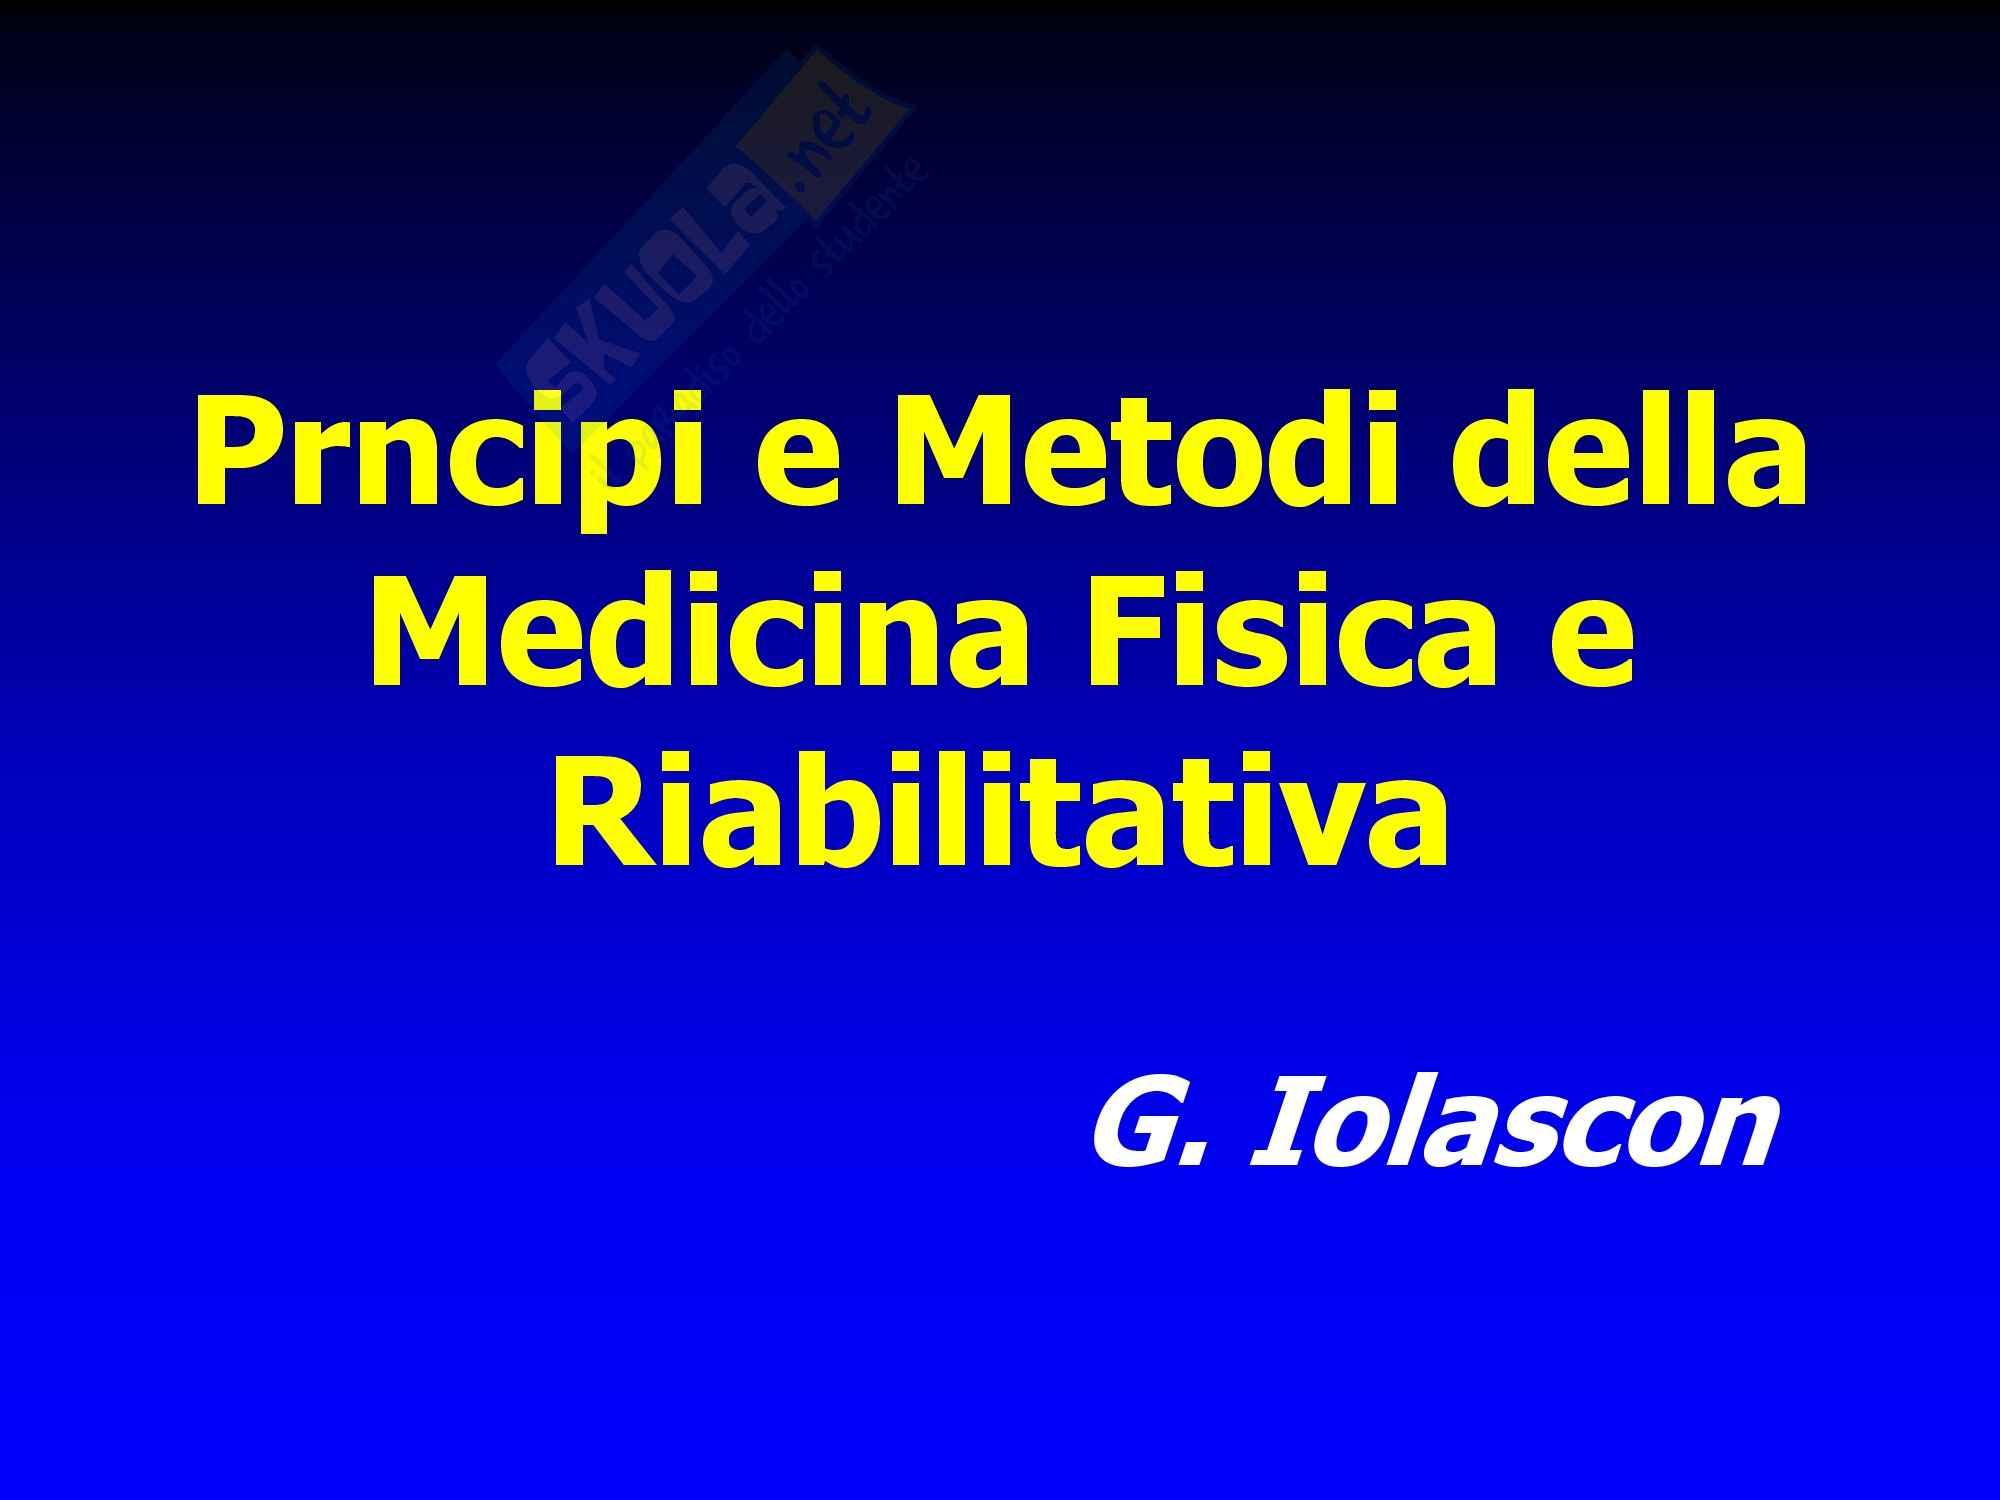 Malattie dell'apparato locomotore - principi e metodi della medicina fisica e riabilitativa